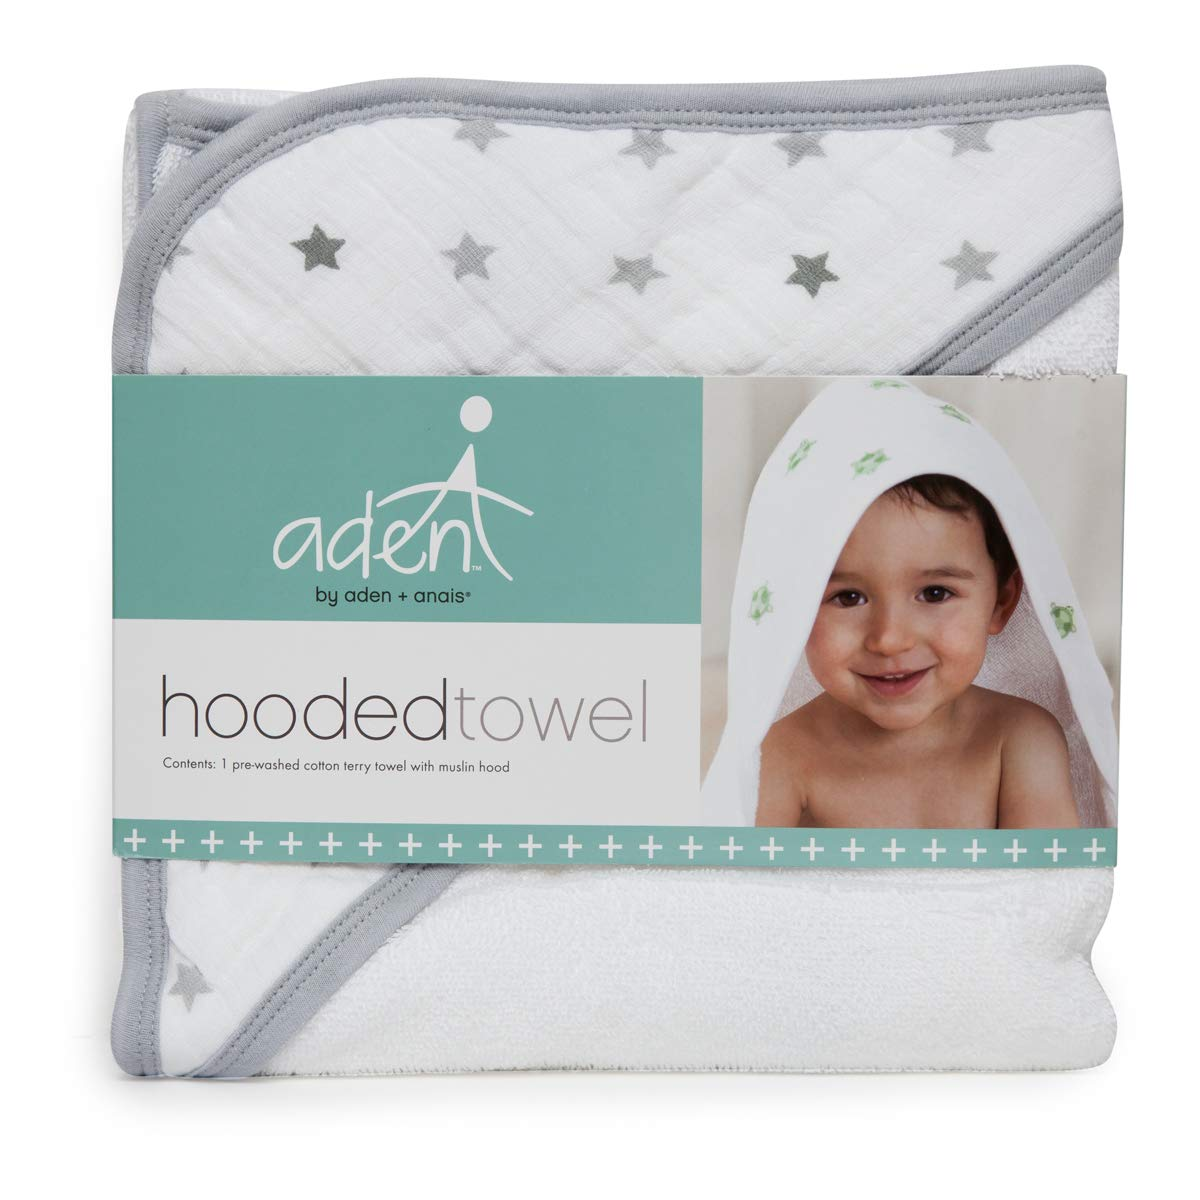 anais Hooded Towel Set aden Dove